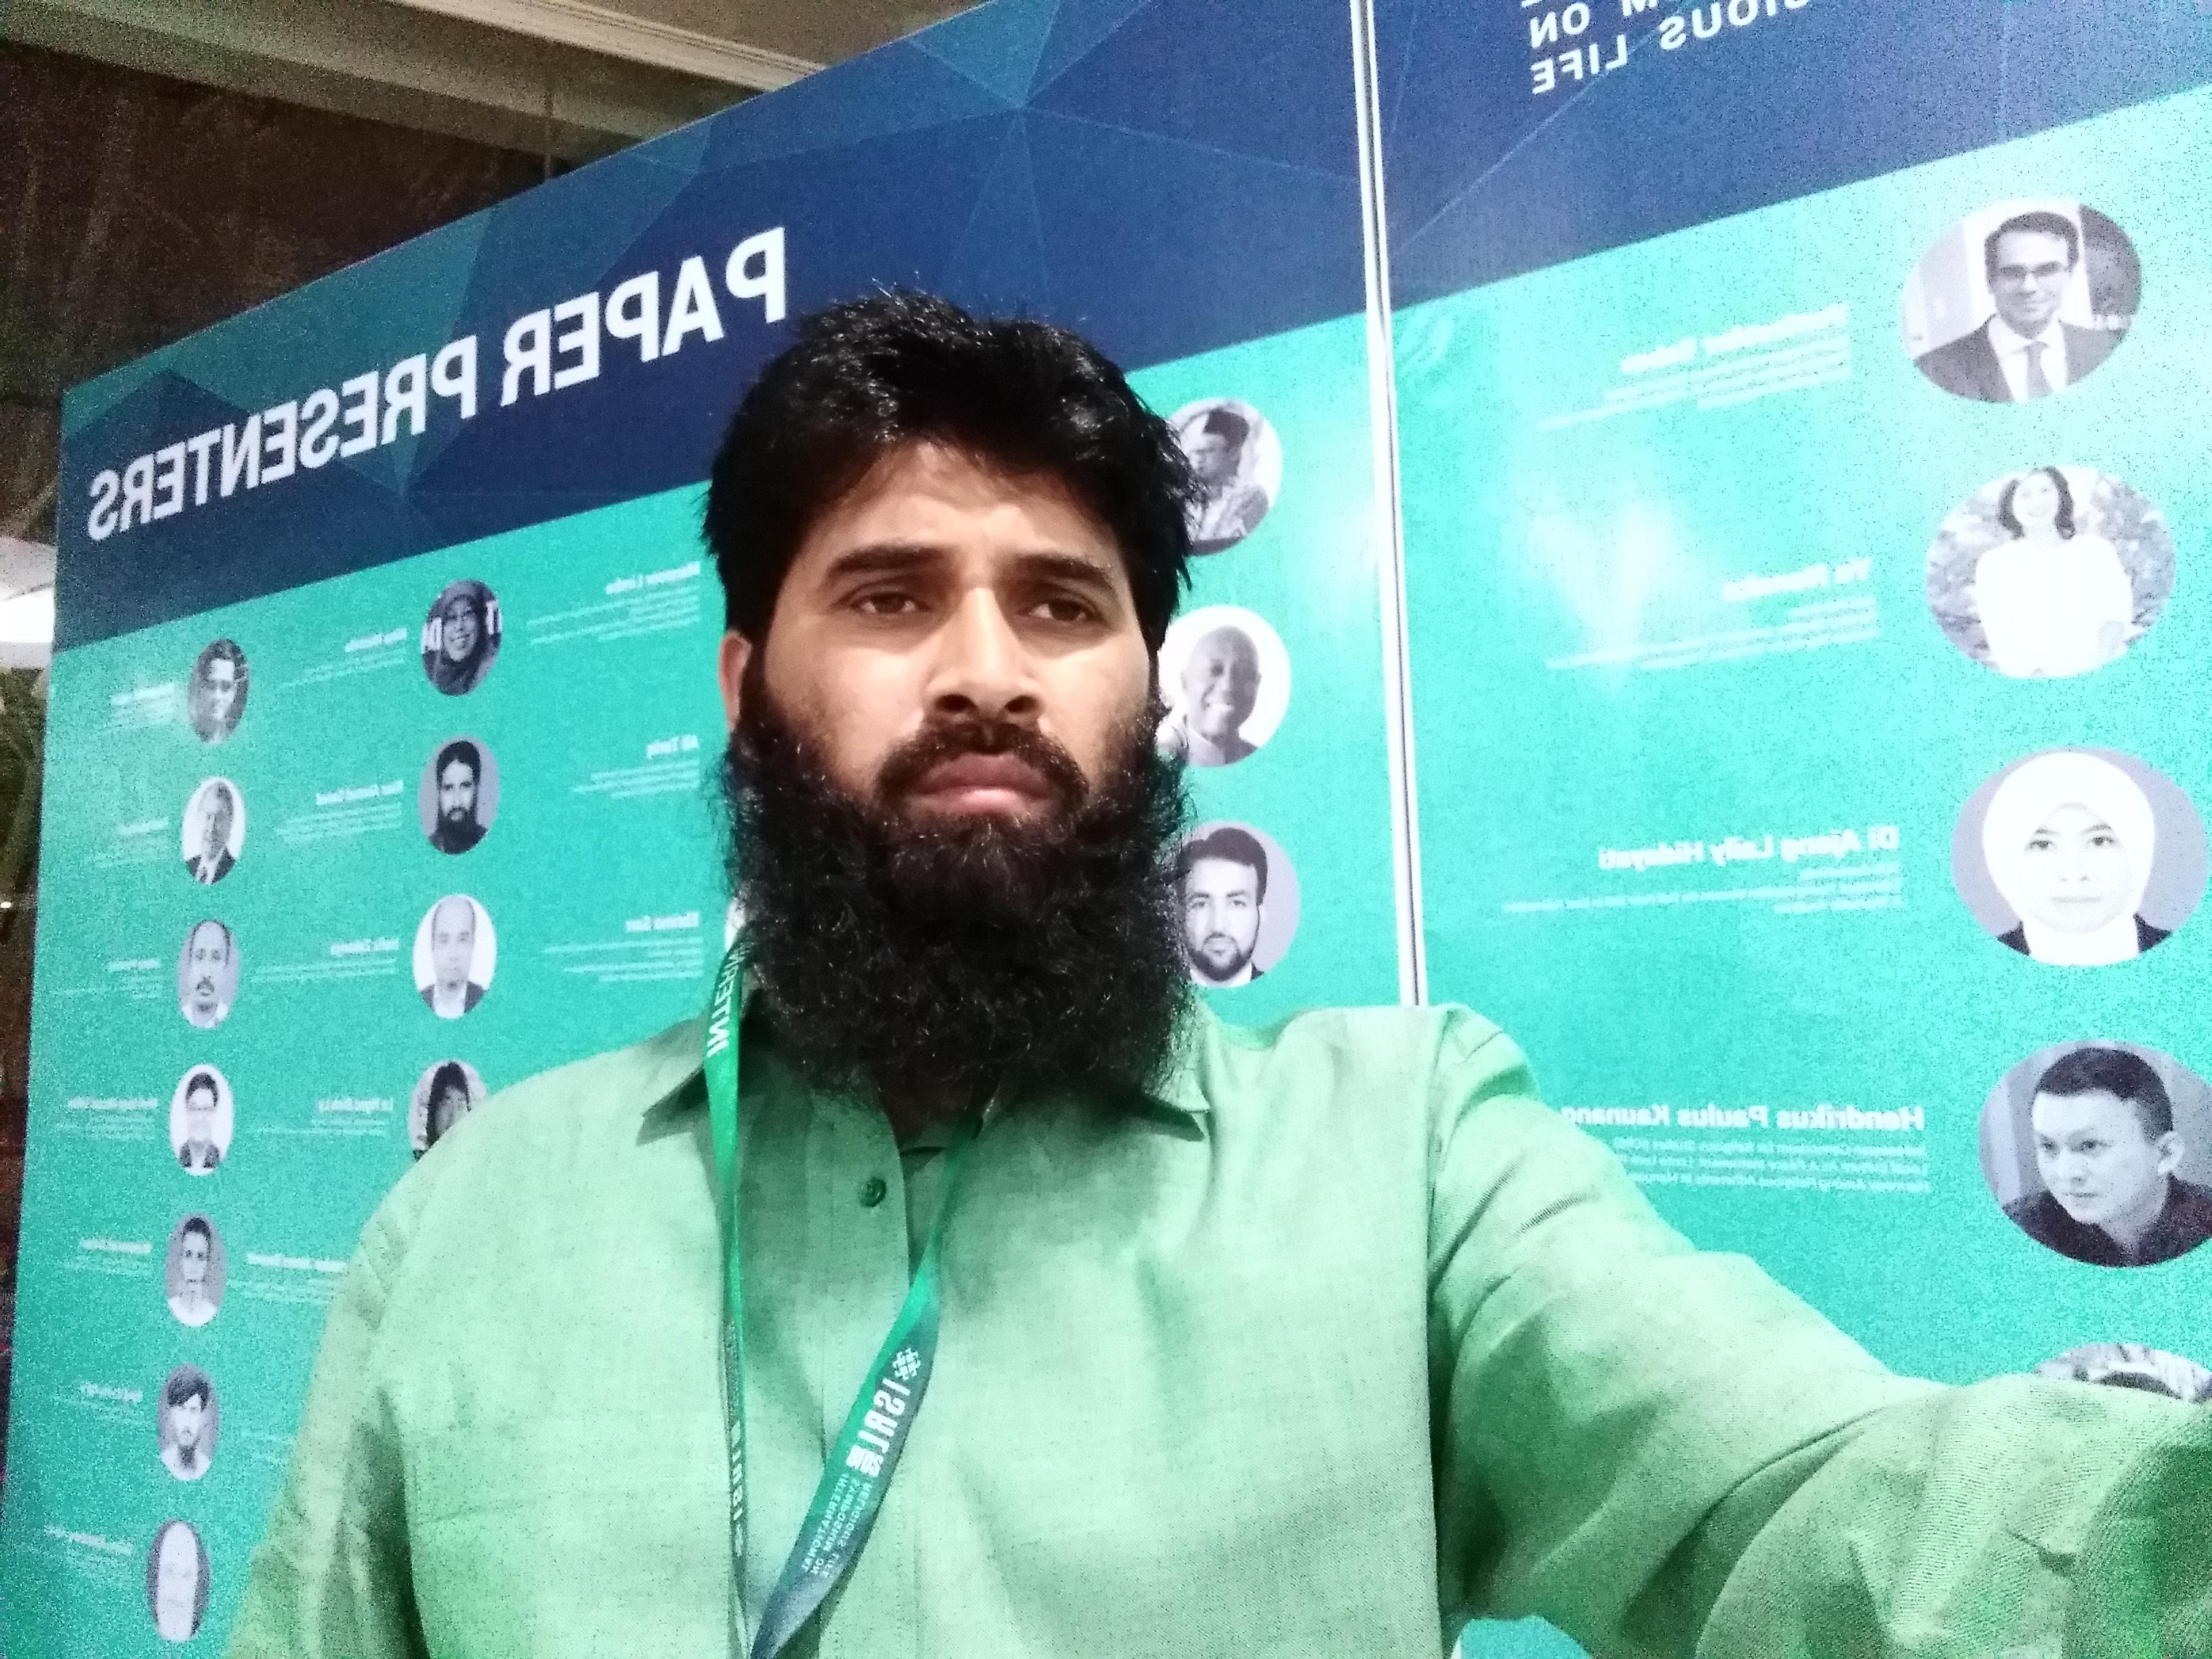 Dr. Riaz Ahmad Saeed